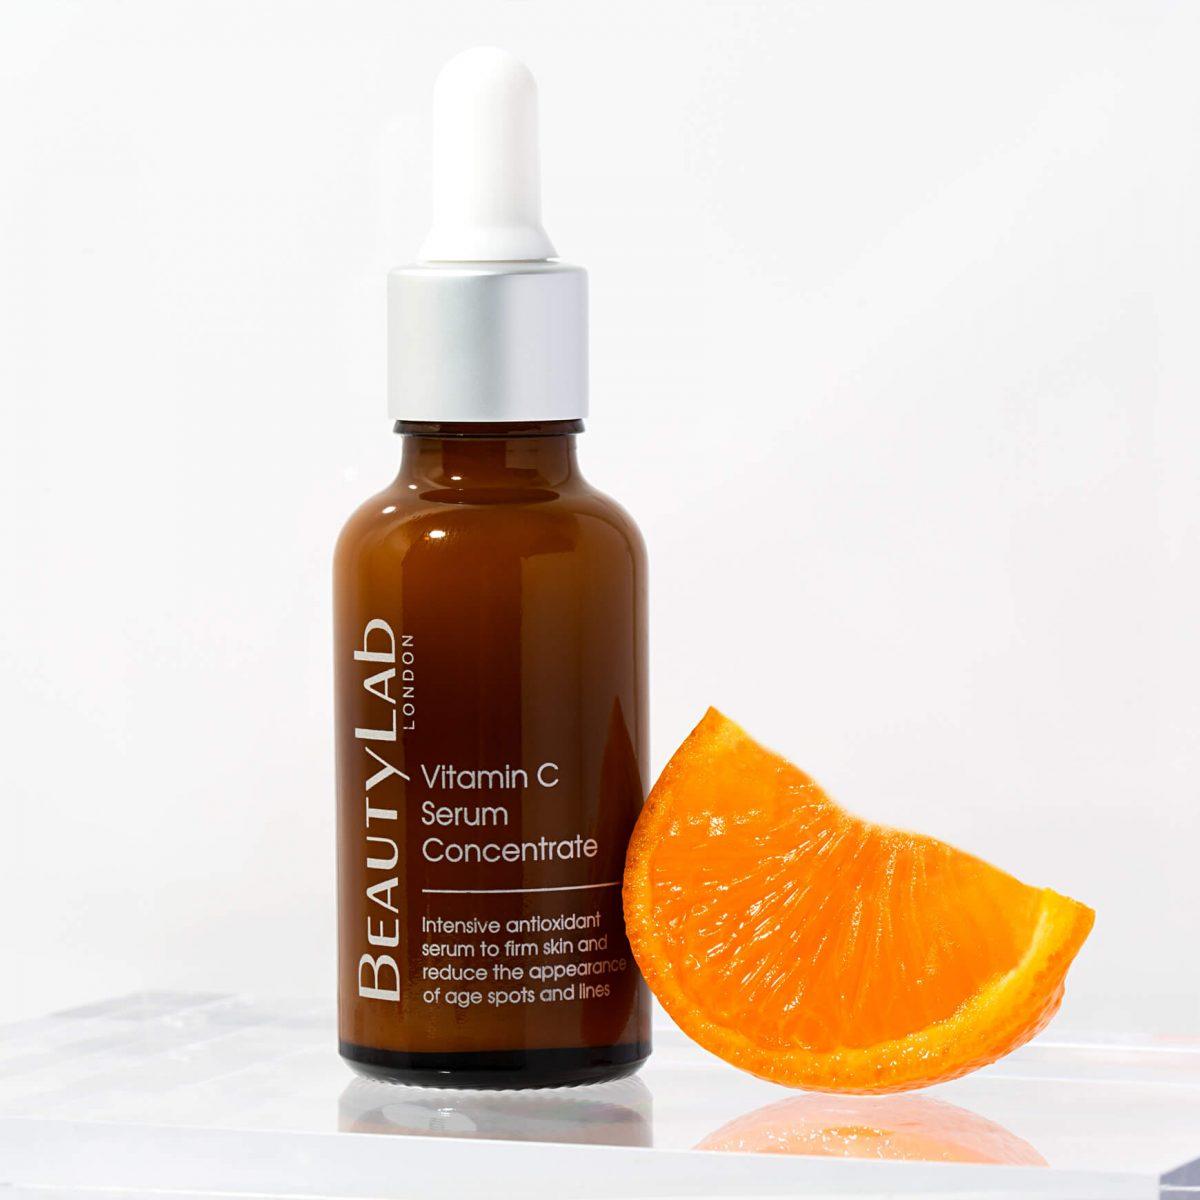 Sérum concentré vitamine C présentation